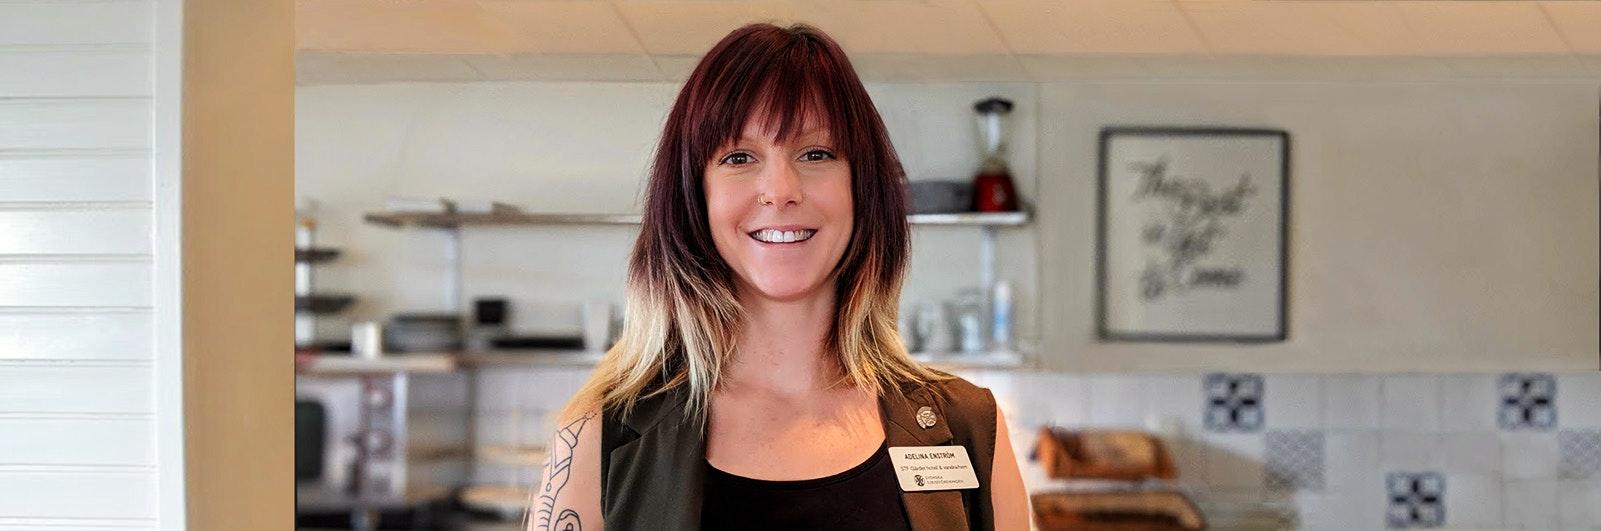 Adelina Enström från STF Gärdet